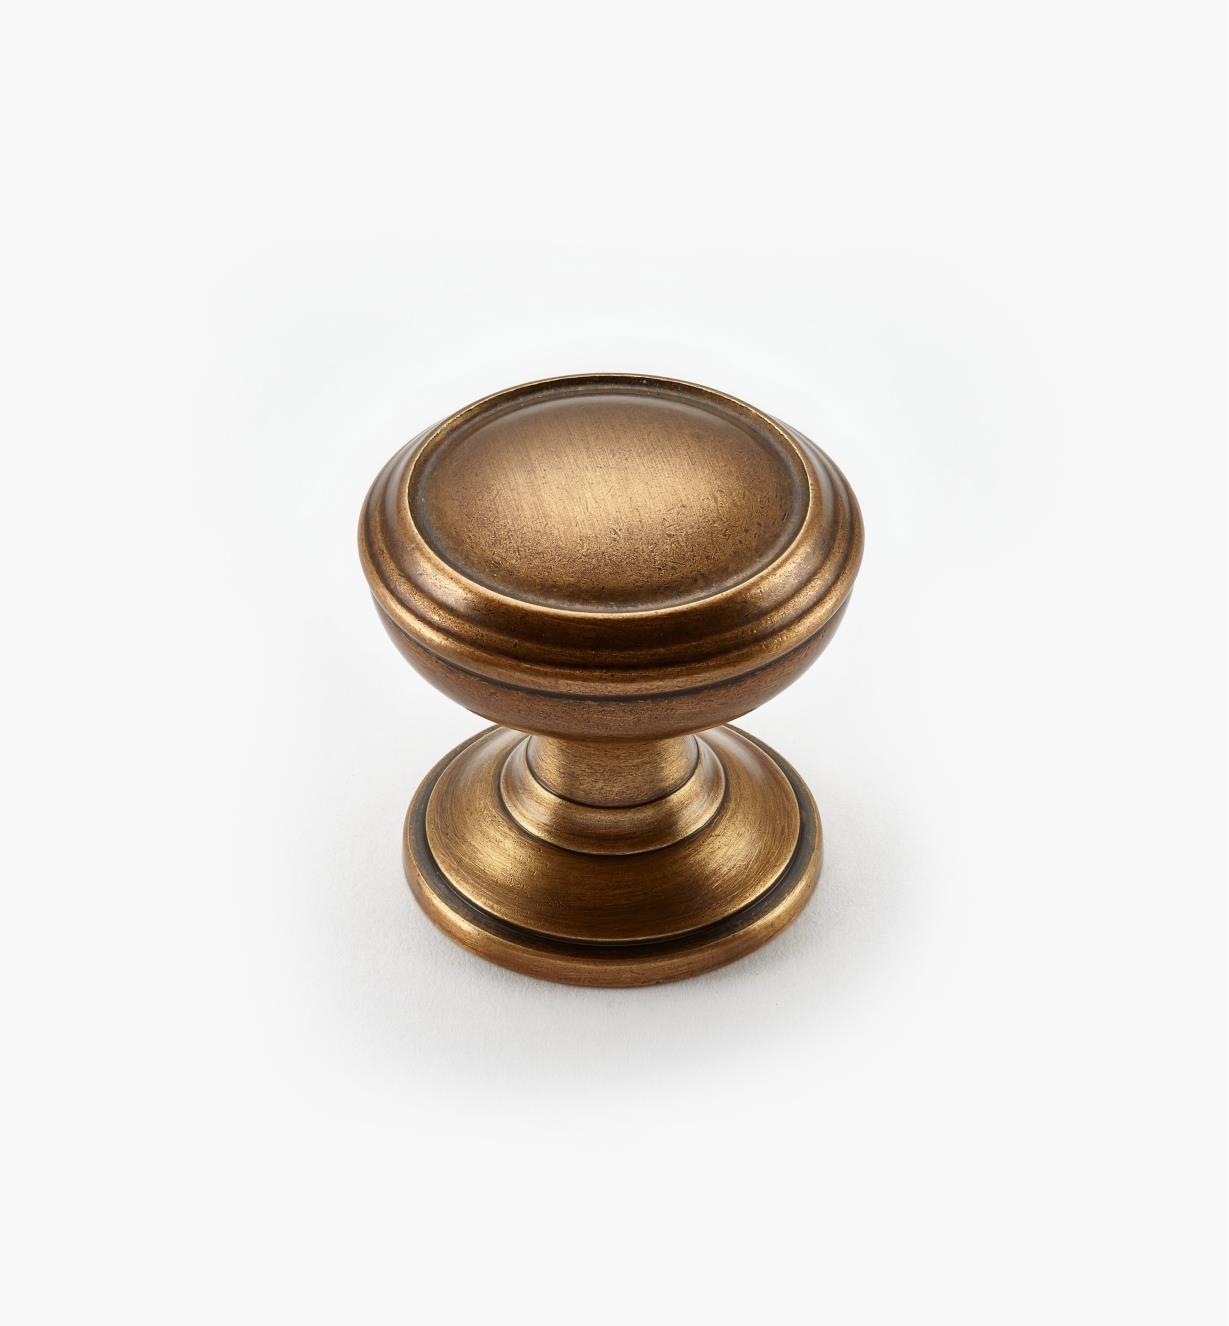 02A1692 - Bouton annelé Revitalize, 11/4po, bronze doré, l'unité